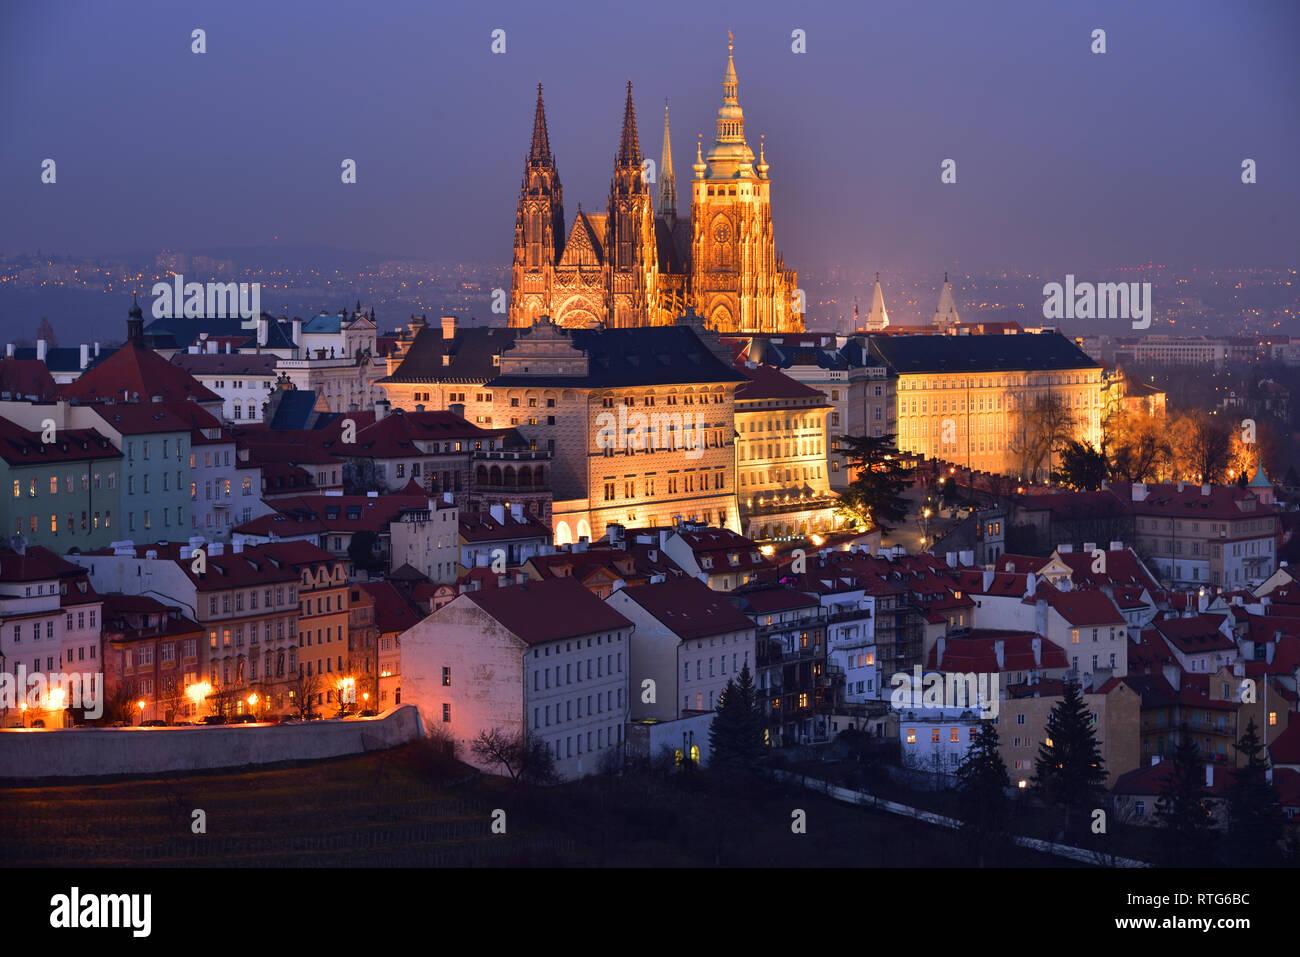 El Castillo de Praga y la Catedral de San Vito con iluminación nocturna. Noche de invierno. Vista desde el Monasterio de Strahov. Foto de stock